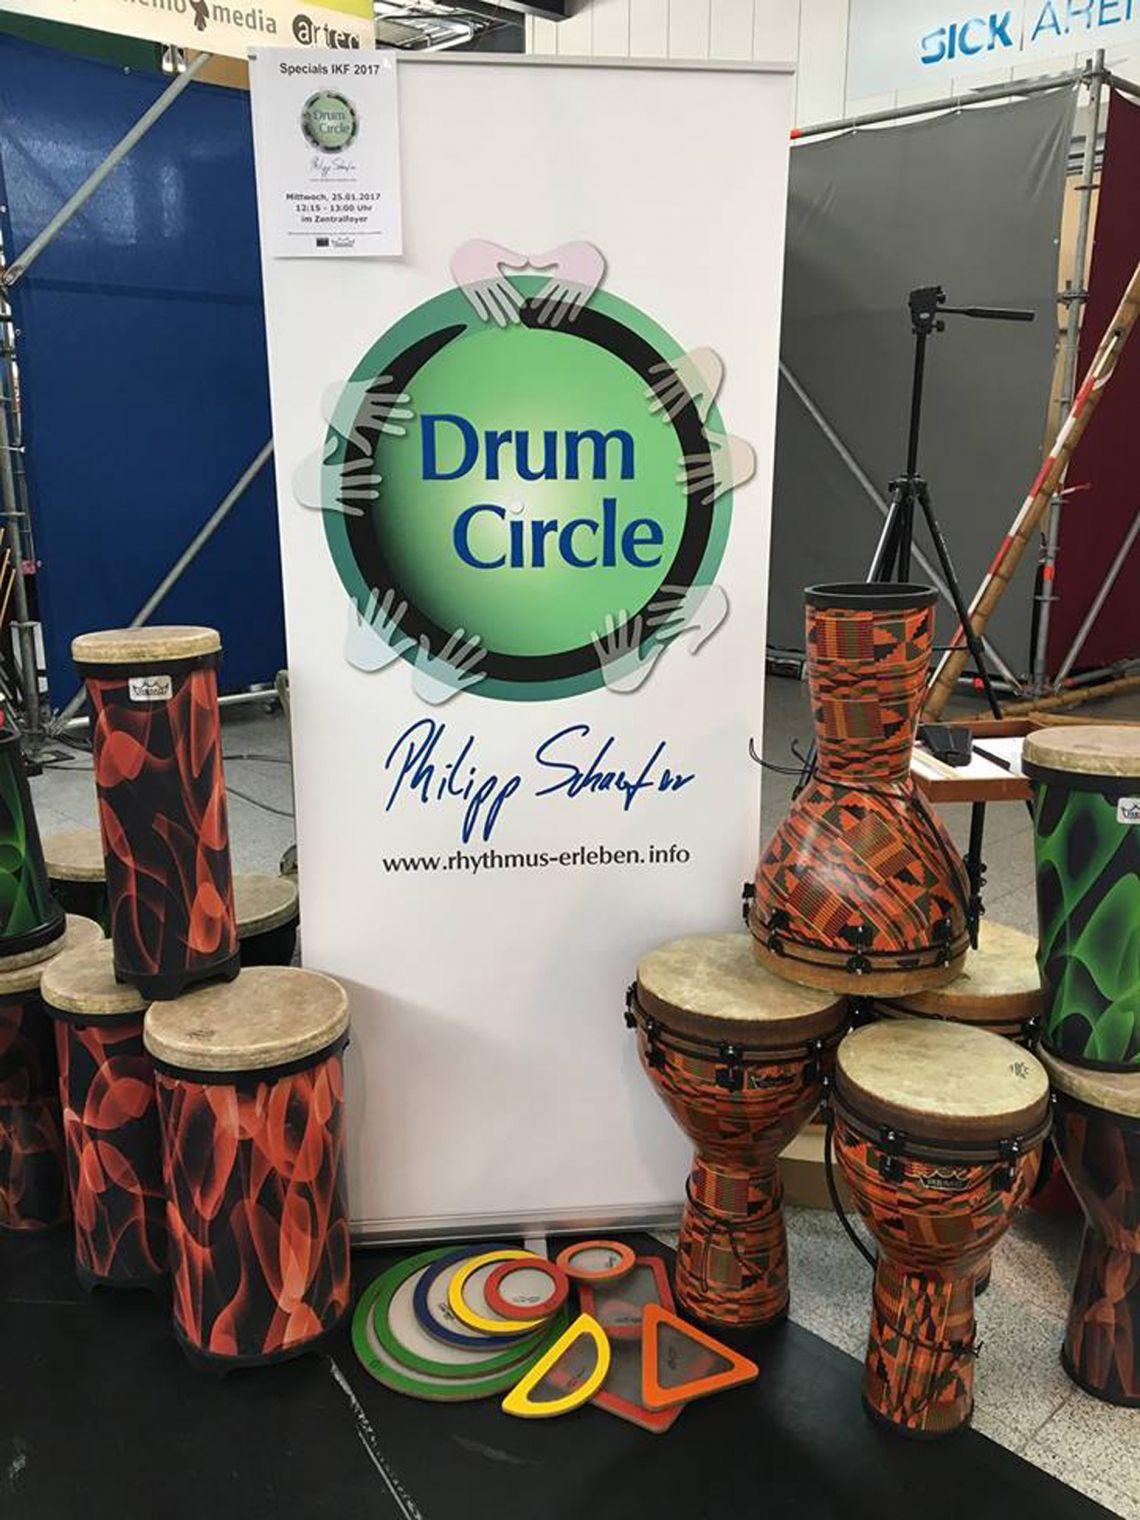 Drum Circle Philipp Schaefer - Rhythmus erleben! Wir bringen Qualitätsinstrumente unseres Kooperationspartners REMO für bis zu 200 Personen mit.